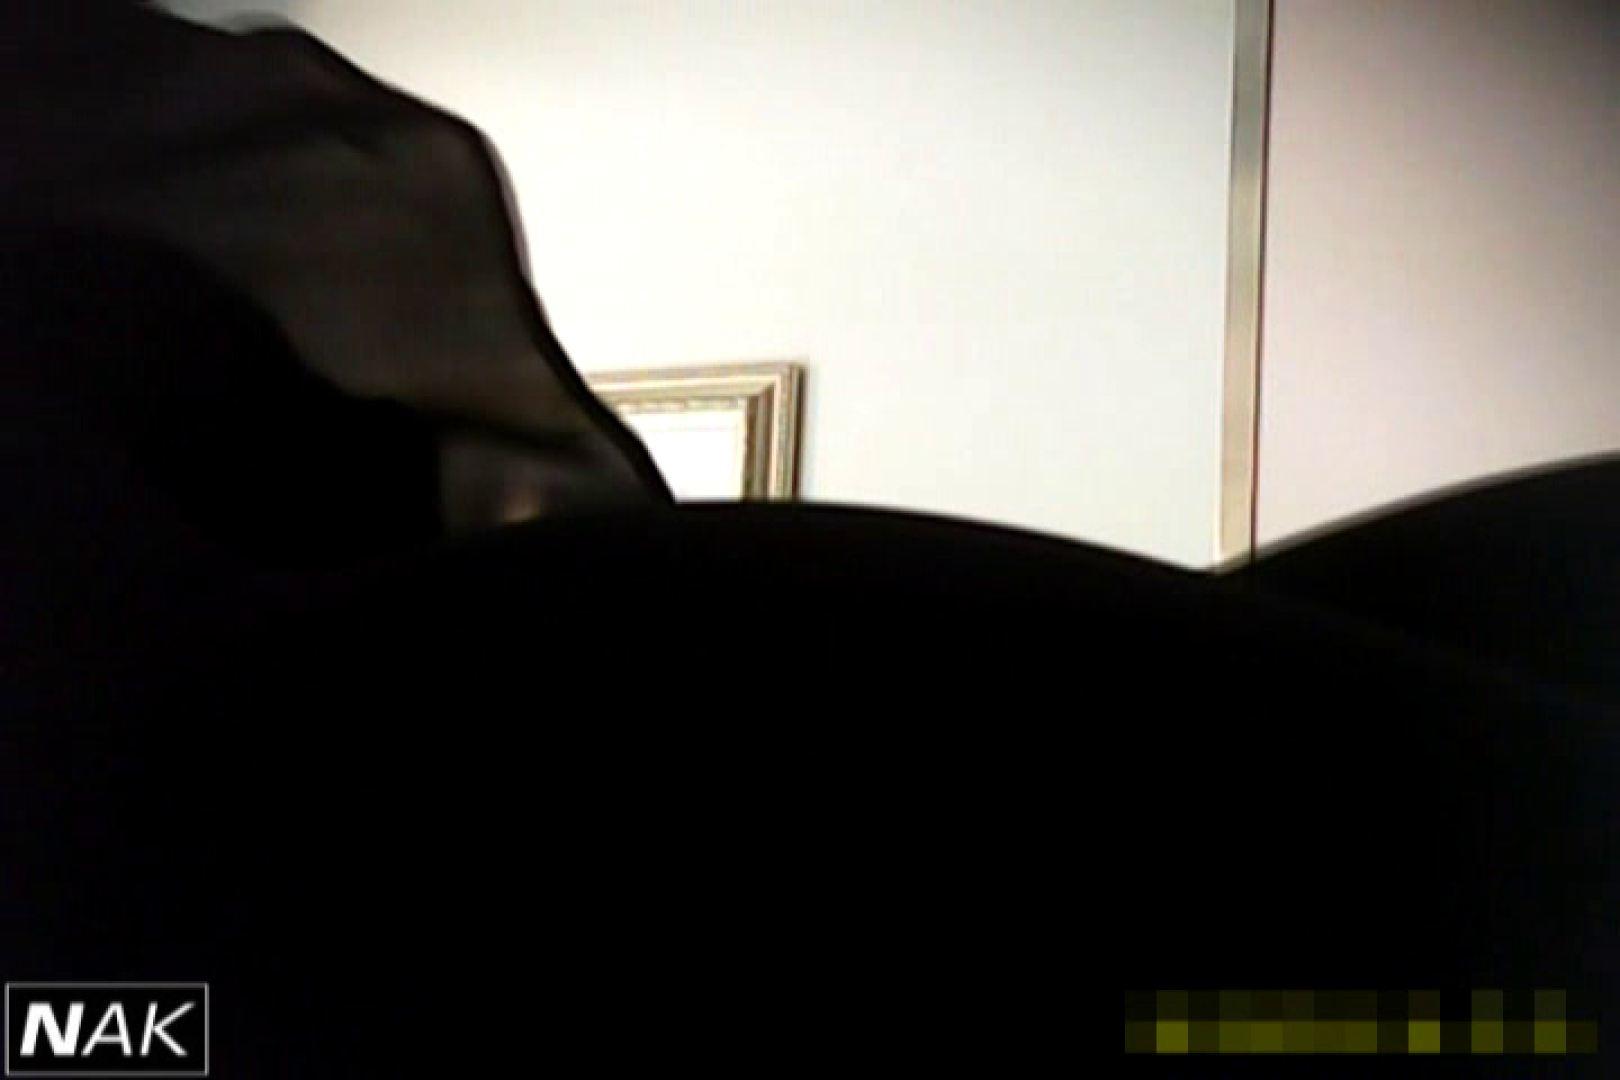 超高画質5000K!脅威の2点かわや! vol.35 オマンコ 隠し撮りセックス画像 46連発 16